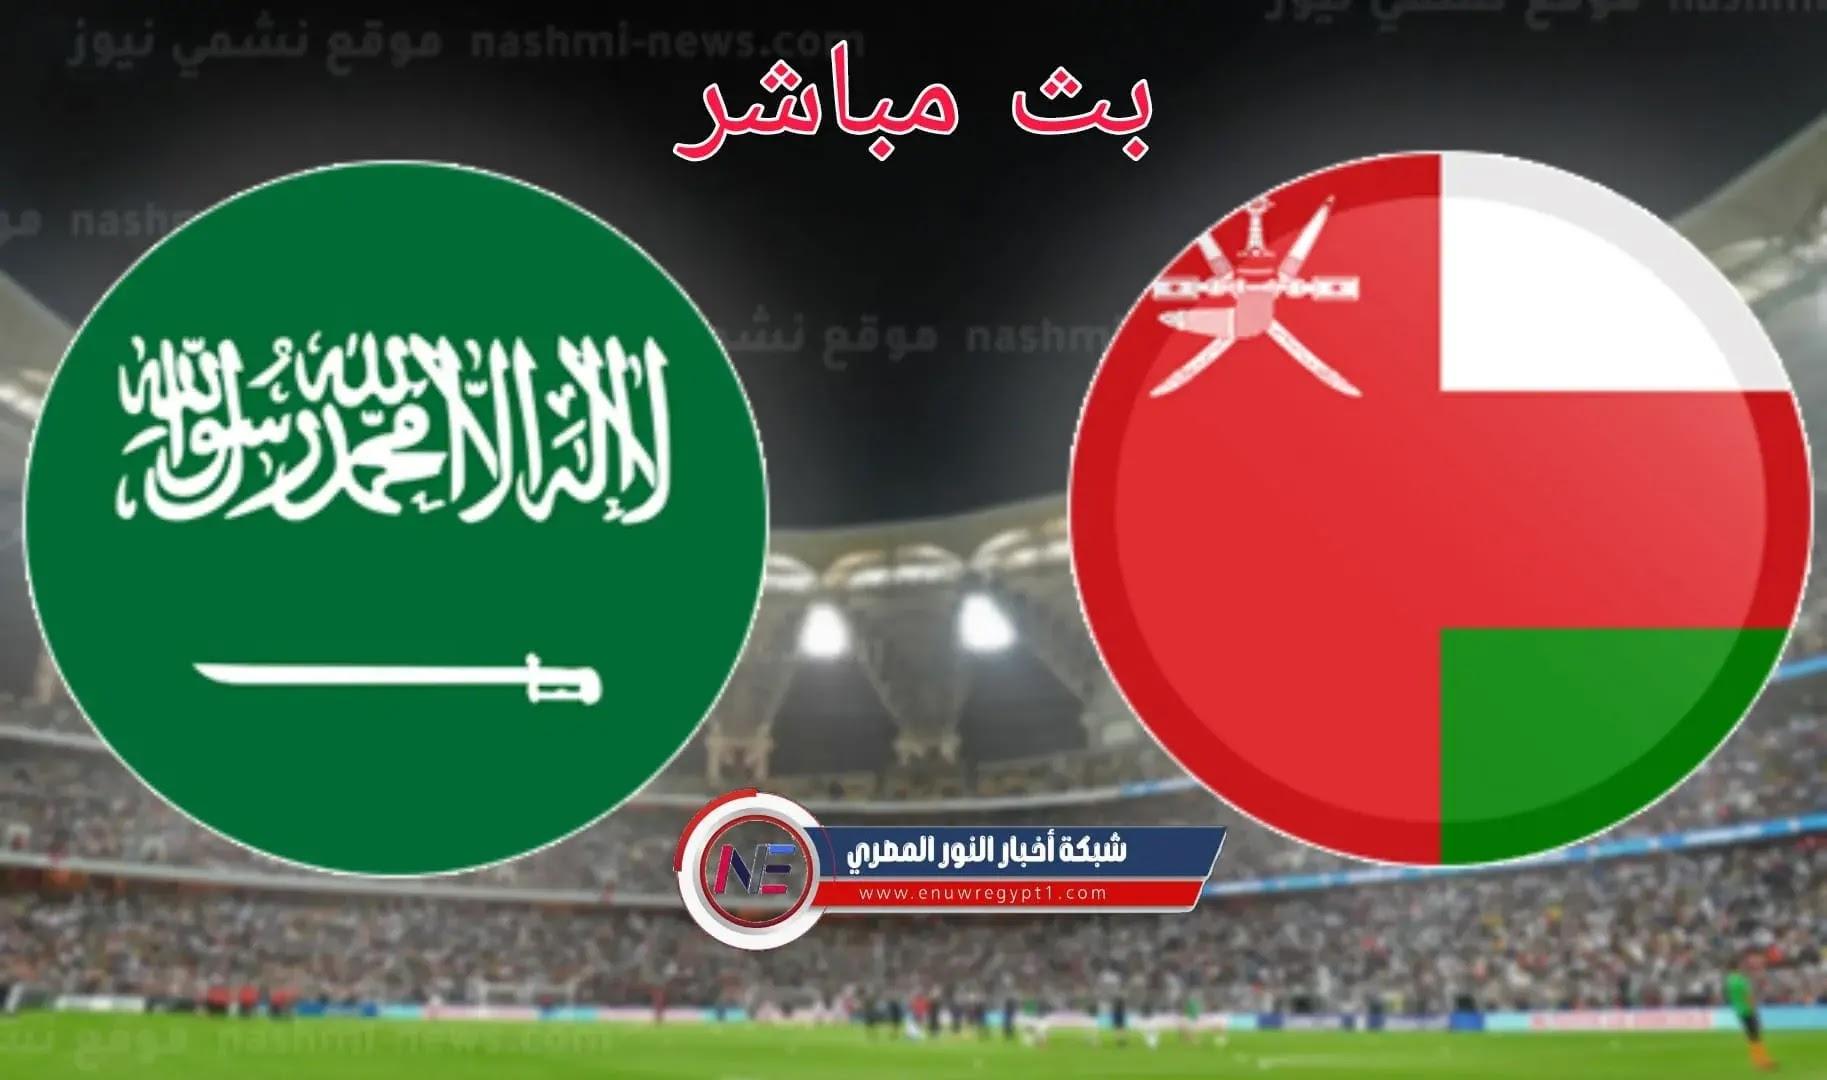 يلا شوت بث مباشر يوتيوب .. مشاهدة مباراة عمان و السعودية  بث مباشر اليوم 07-09-2021 لايف الان  في تصفيات كأس العالم